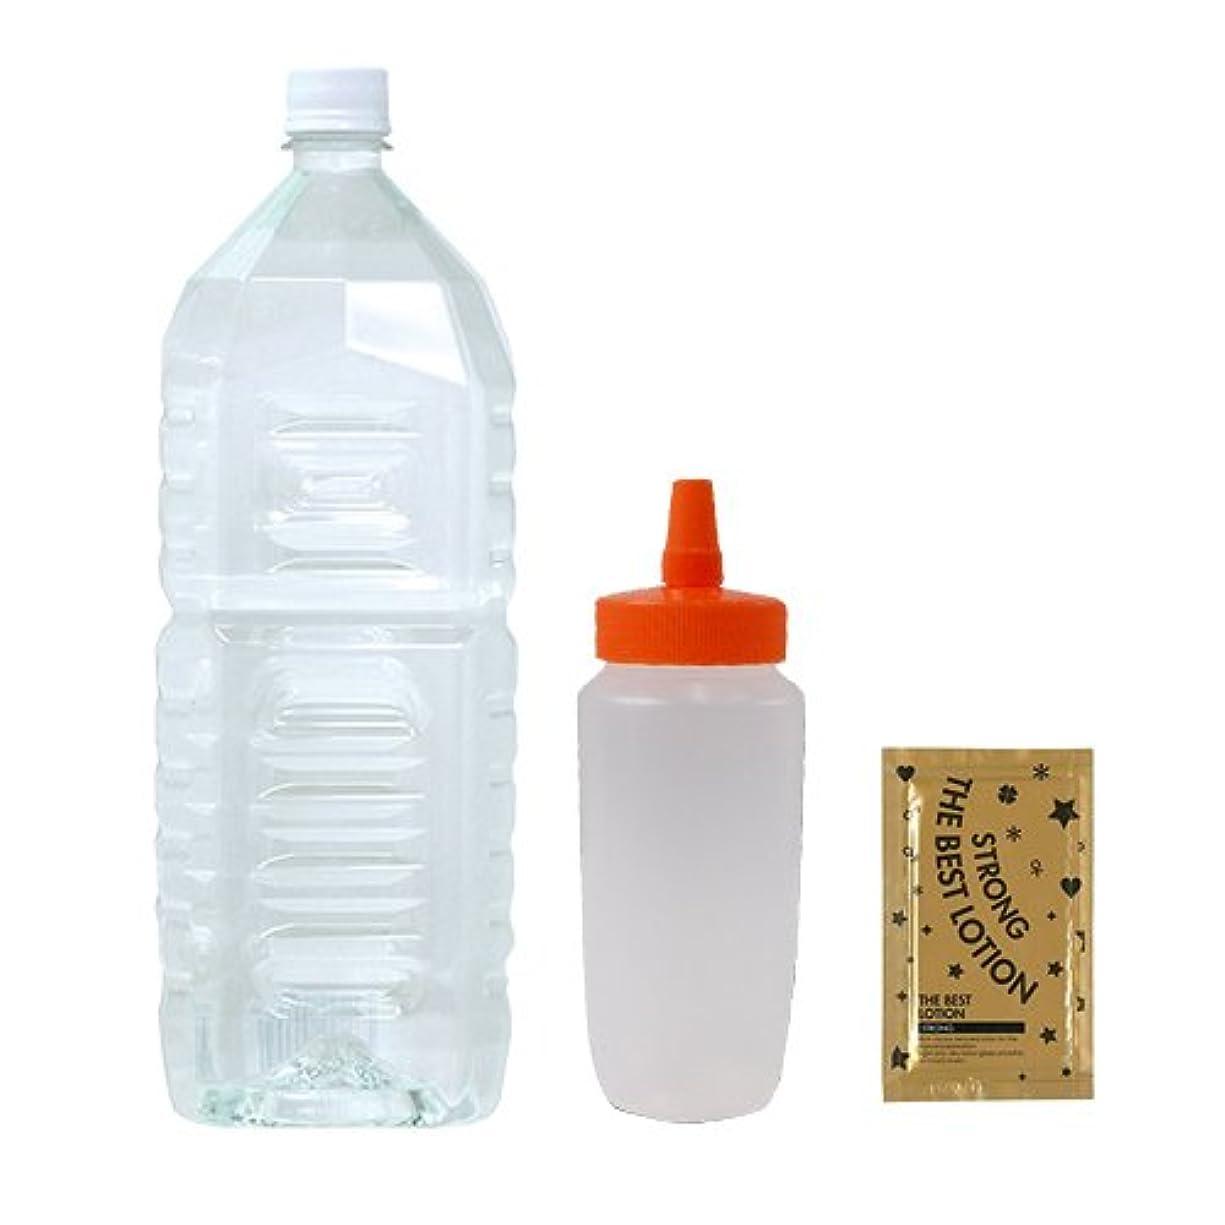 労働しないでください戦闘クリアローション 2Lペットボトル ハードタイプ(5倍濃縮原液)+ はちみつ容器360ml(オレンジキャップ)+ ベストローションストロング 1包付き セット